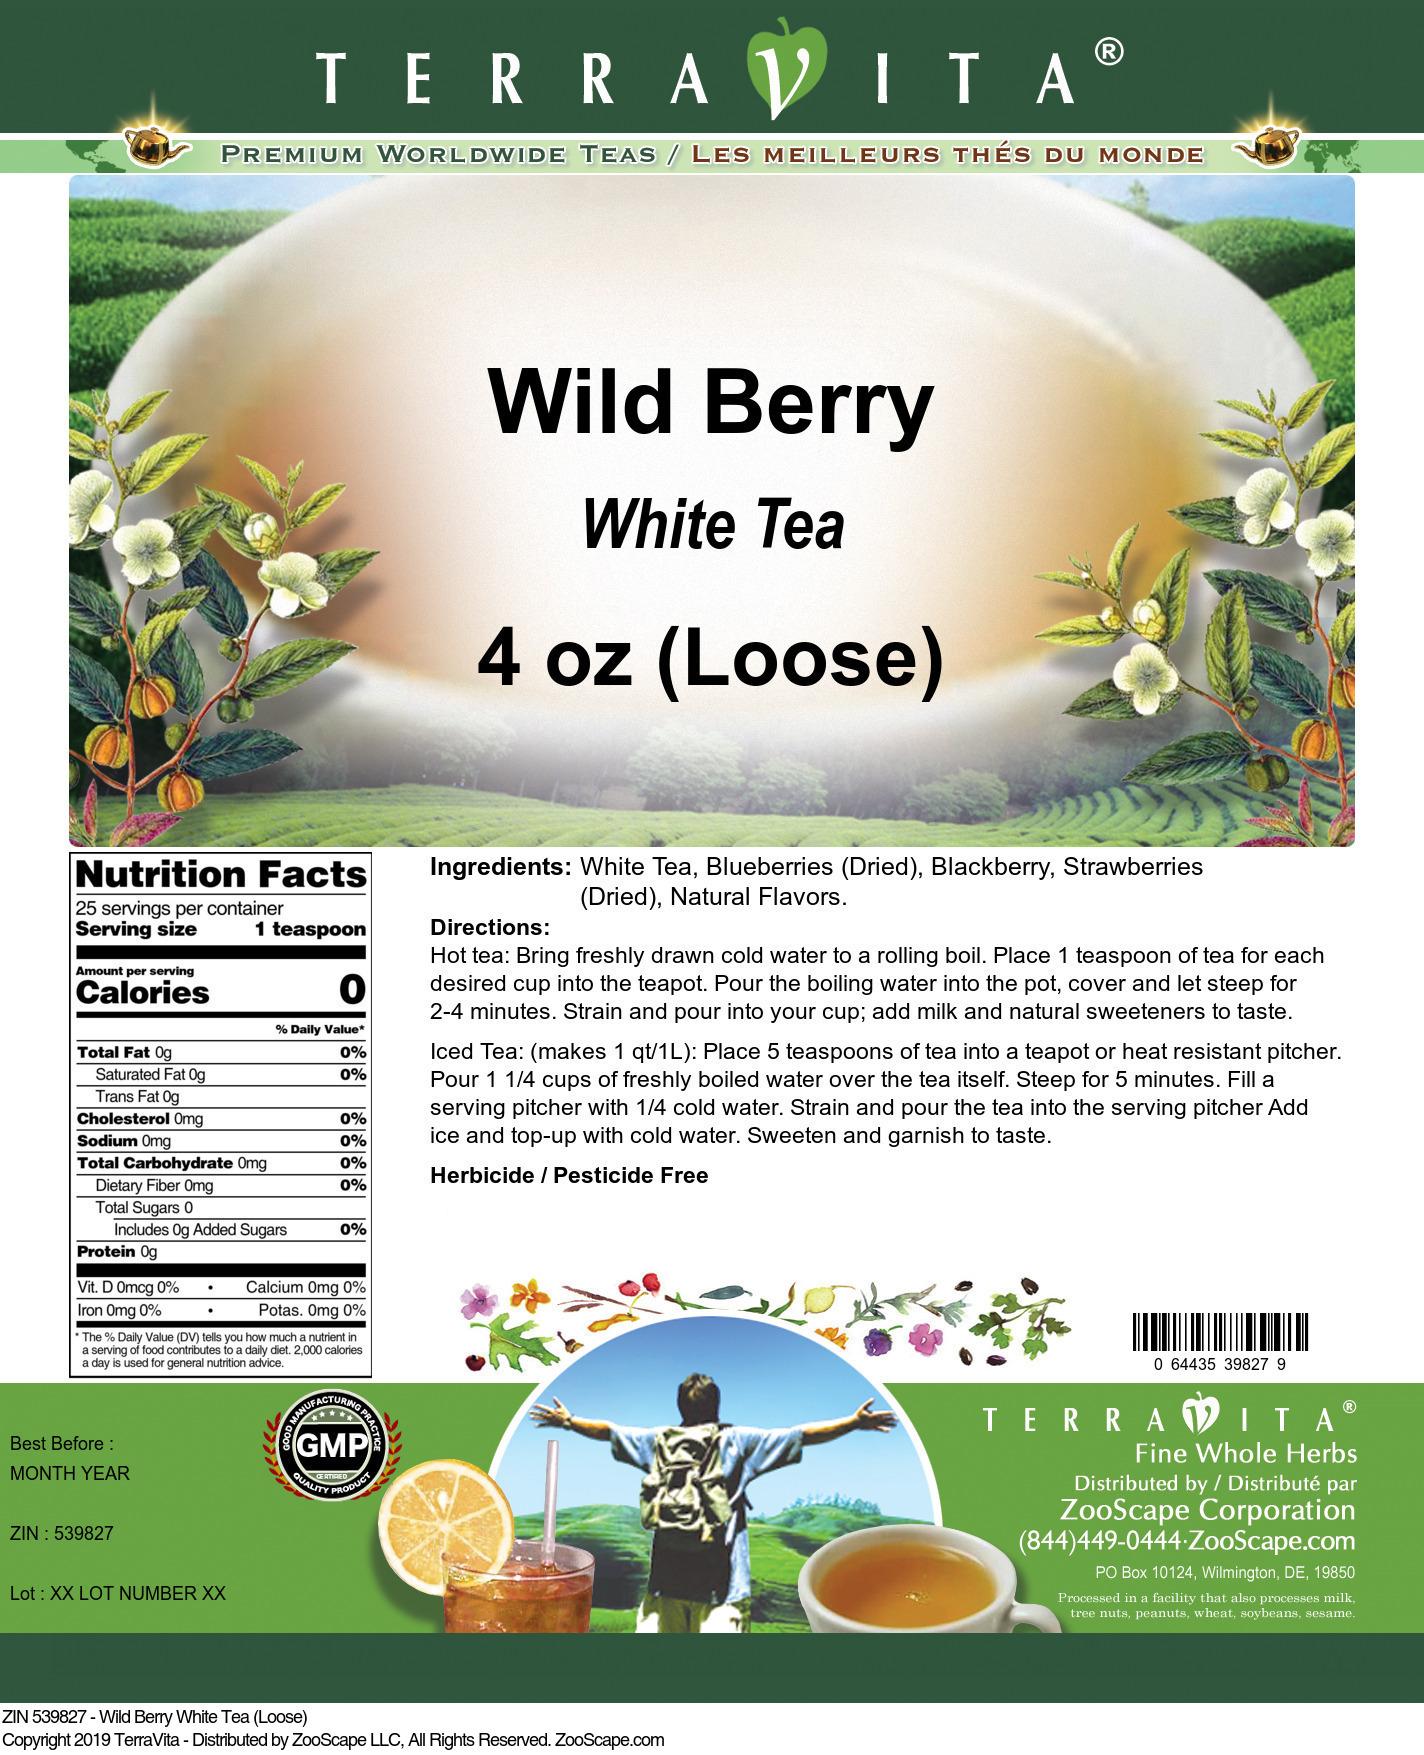 Wild Berry White Tea (Loose)